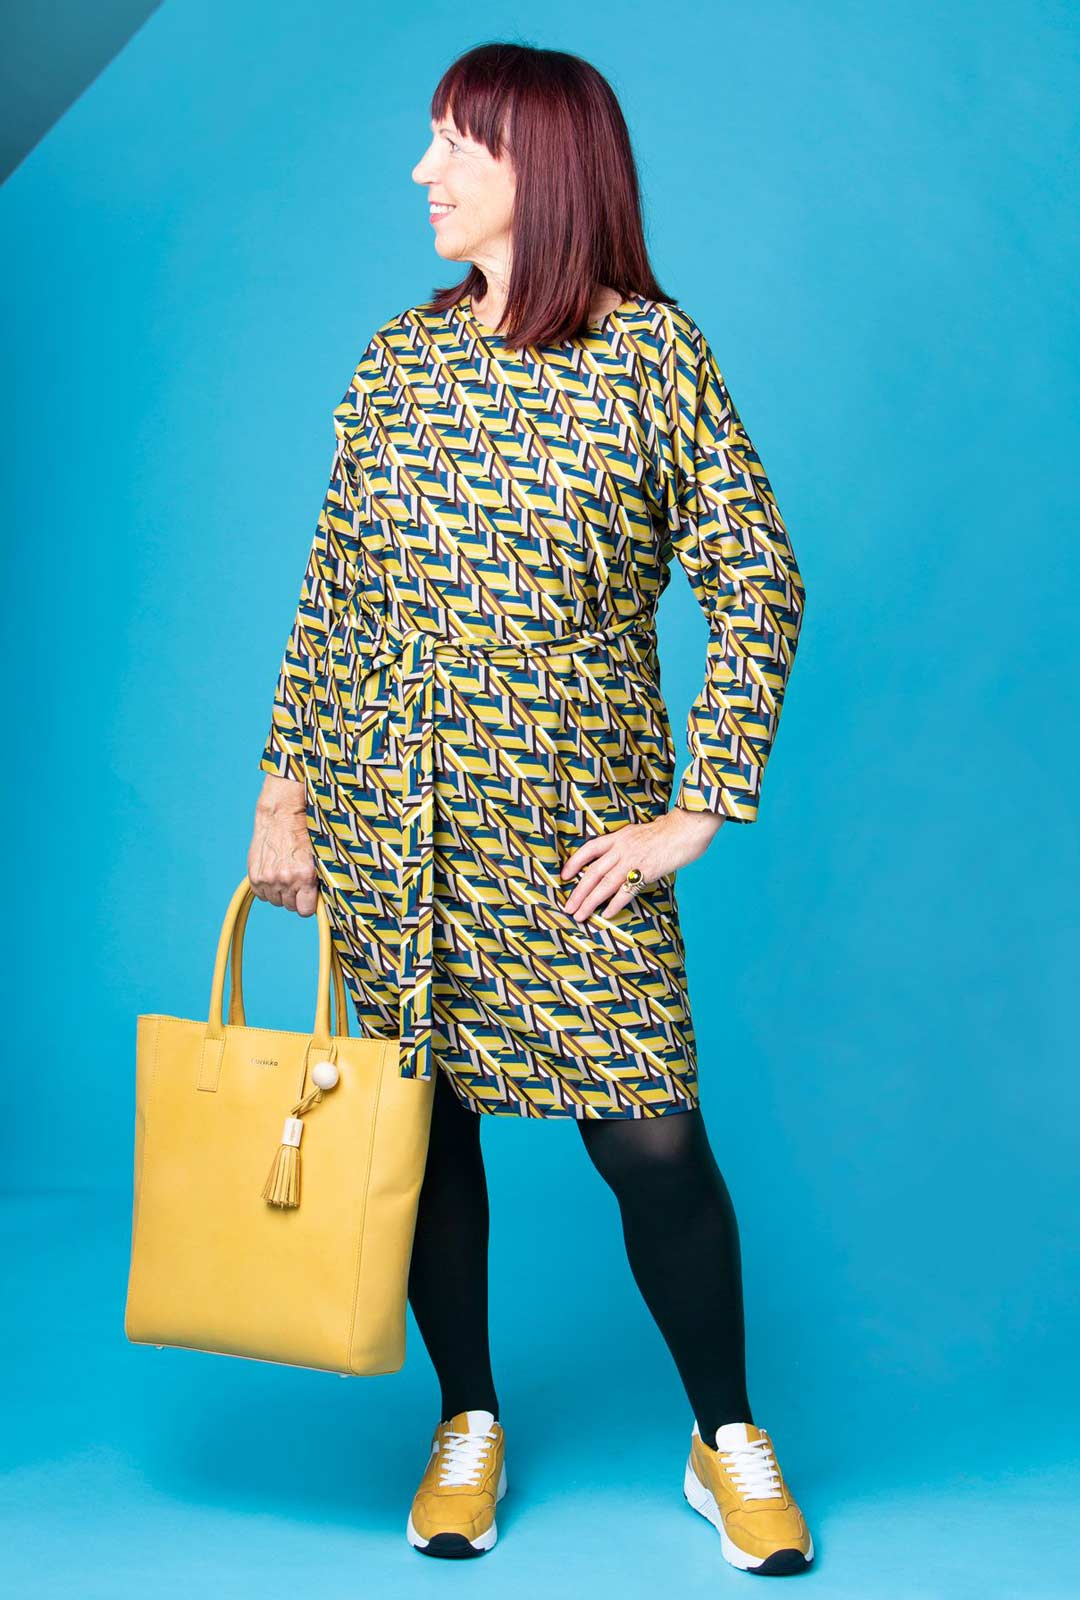 Mekko on naisen uniformu siinä missä puku miehen. Se nopeuttaa aamulähtöjä, kun ei tarvitse miettiä yhteensopivia ylä- ja alaosia. Asusteiden värityskin löytyy mekon kuvioista.